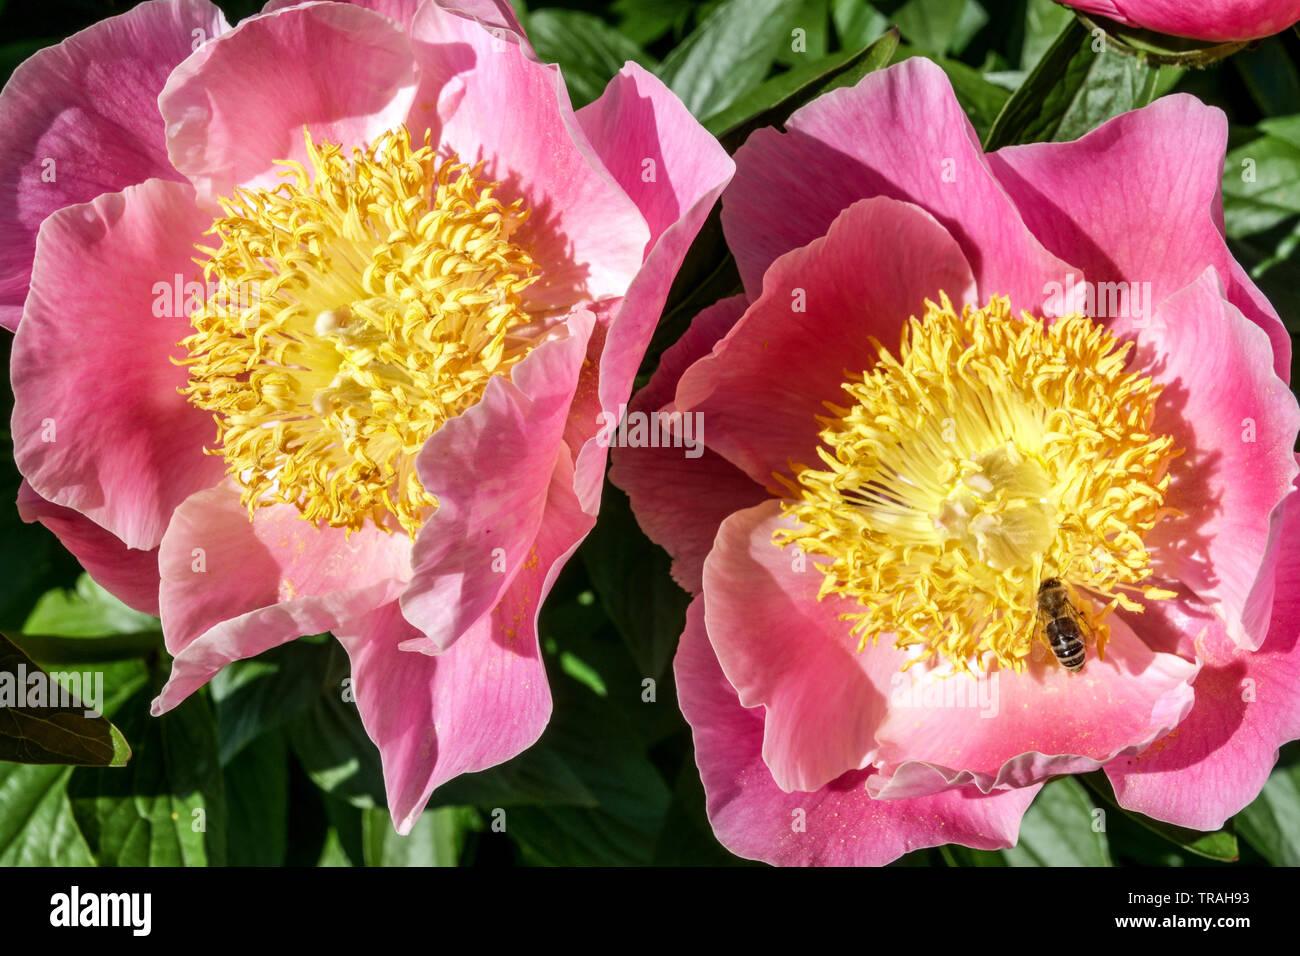 Paeonia lactiflora 'Gedenken', Pink peony flowers, Peonies - Stock Image